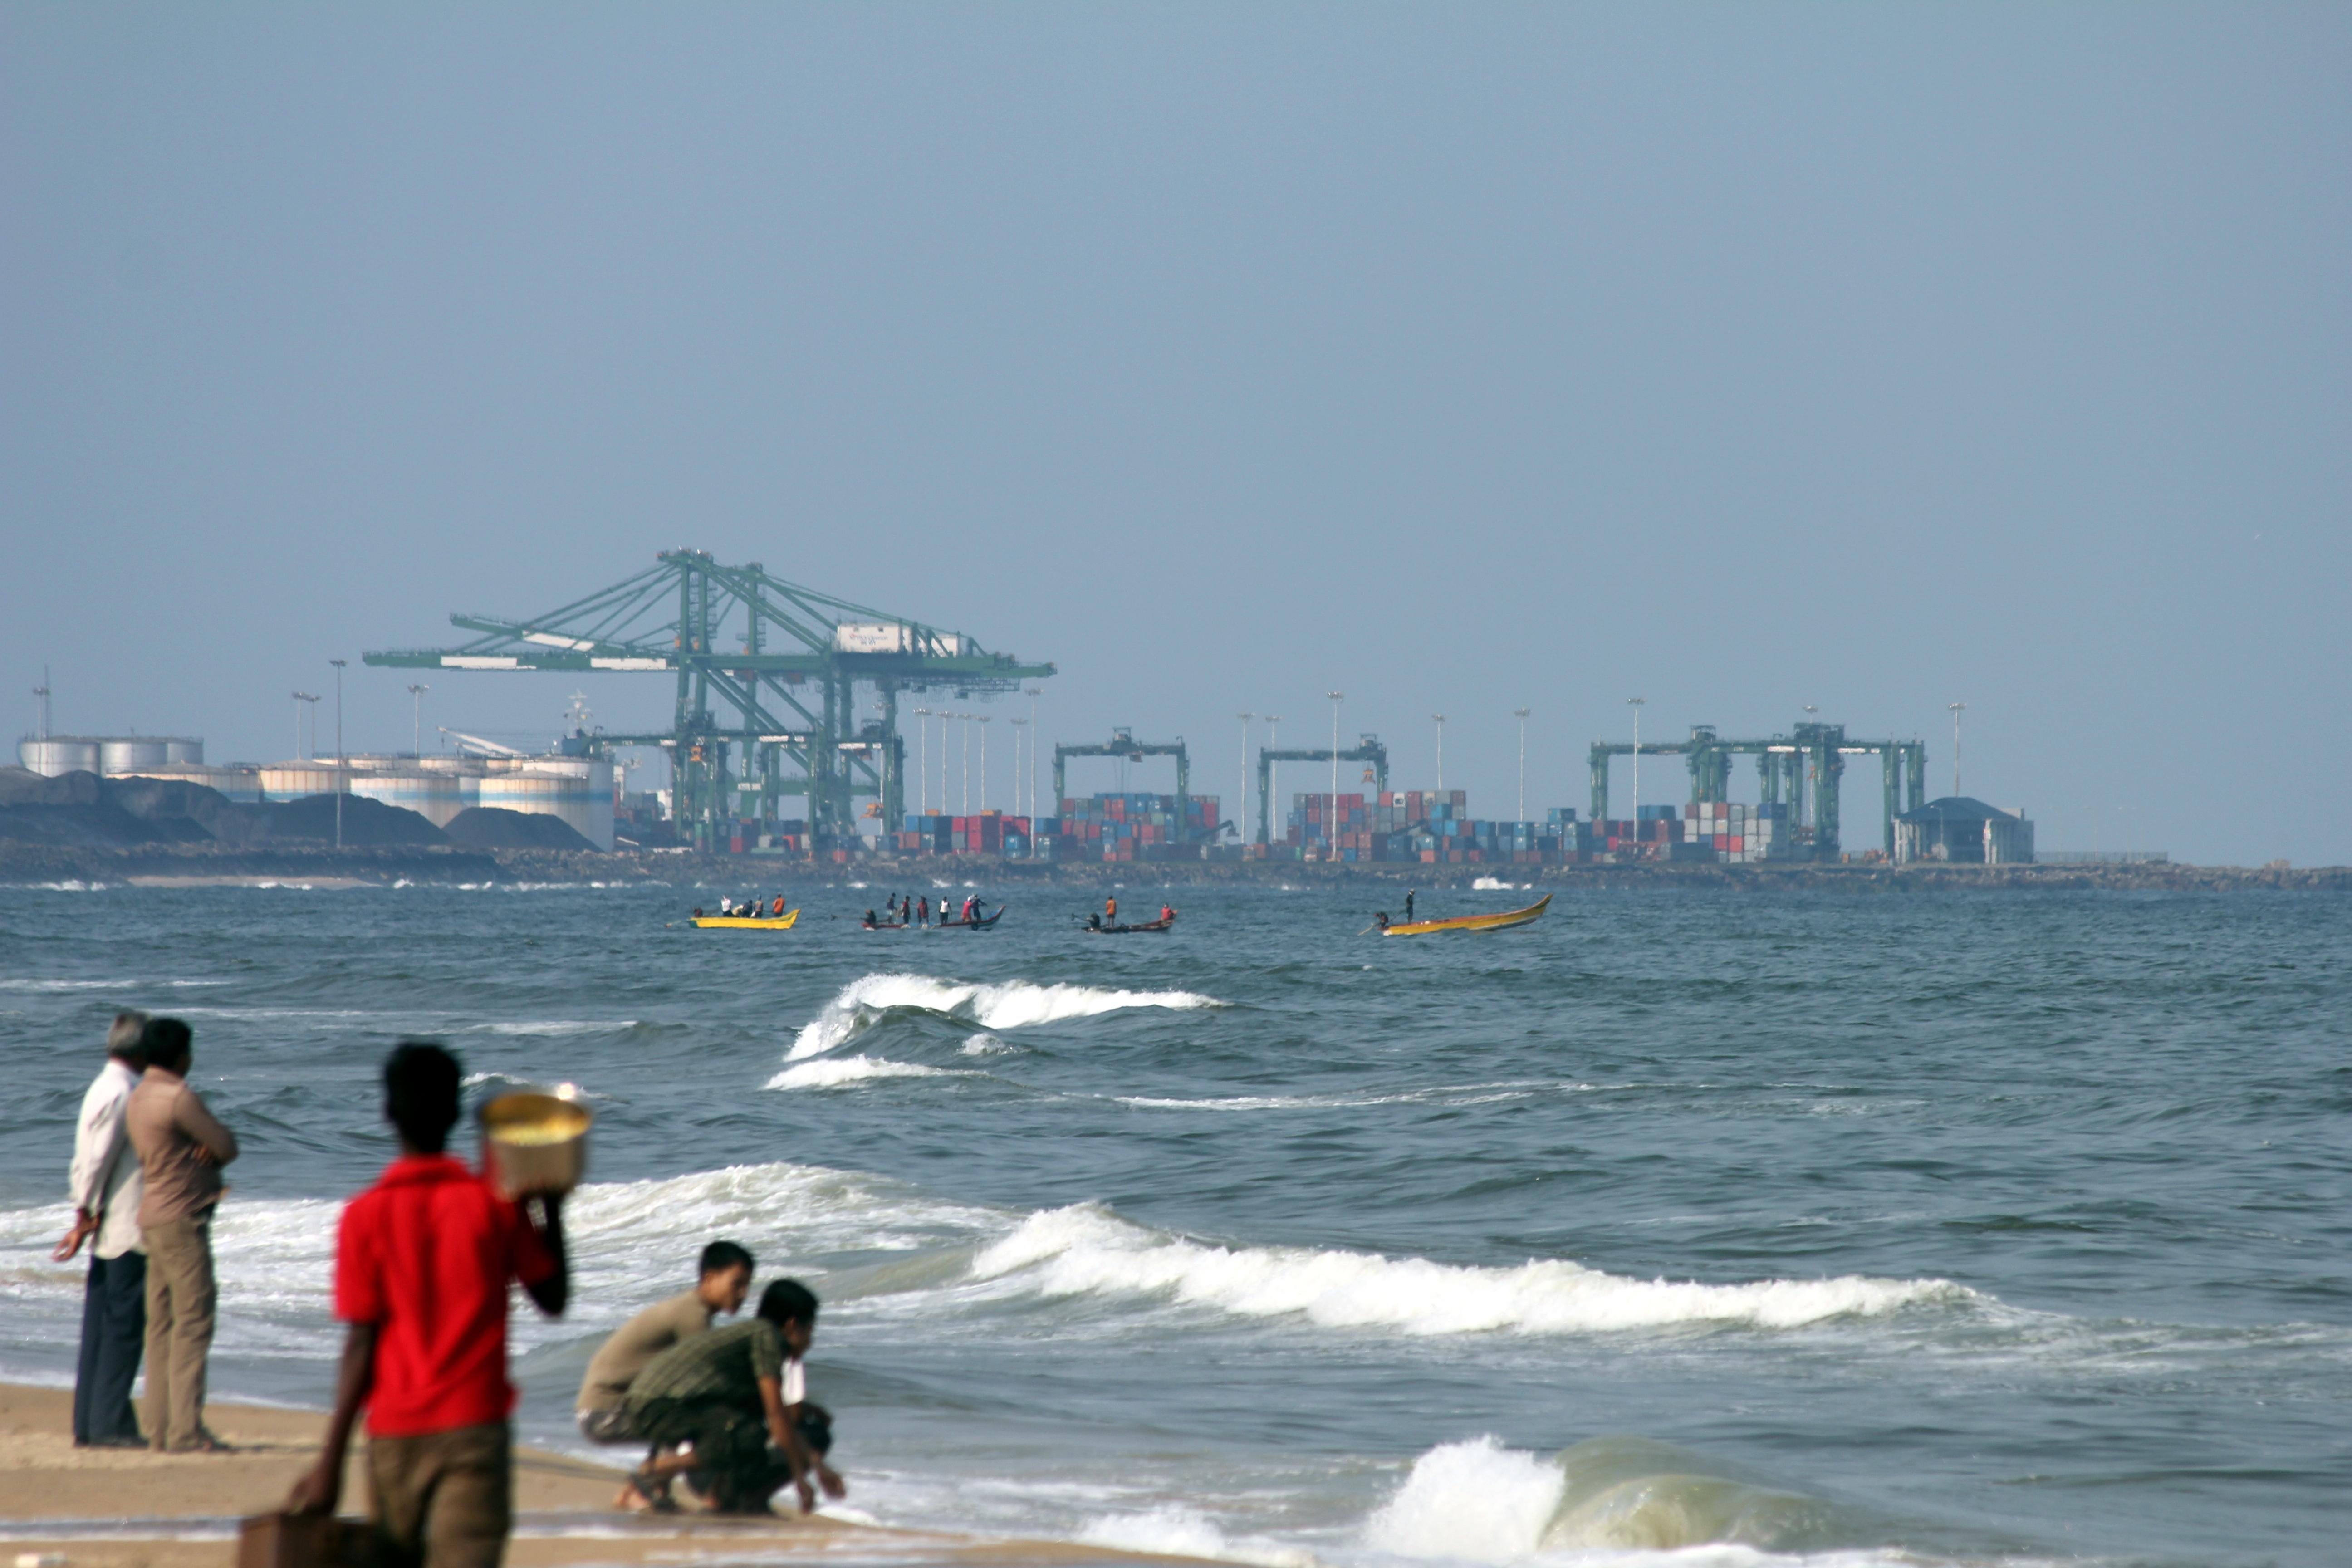 Chennai'a Ne Zaman Gidilir?